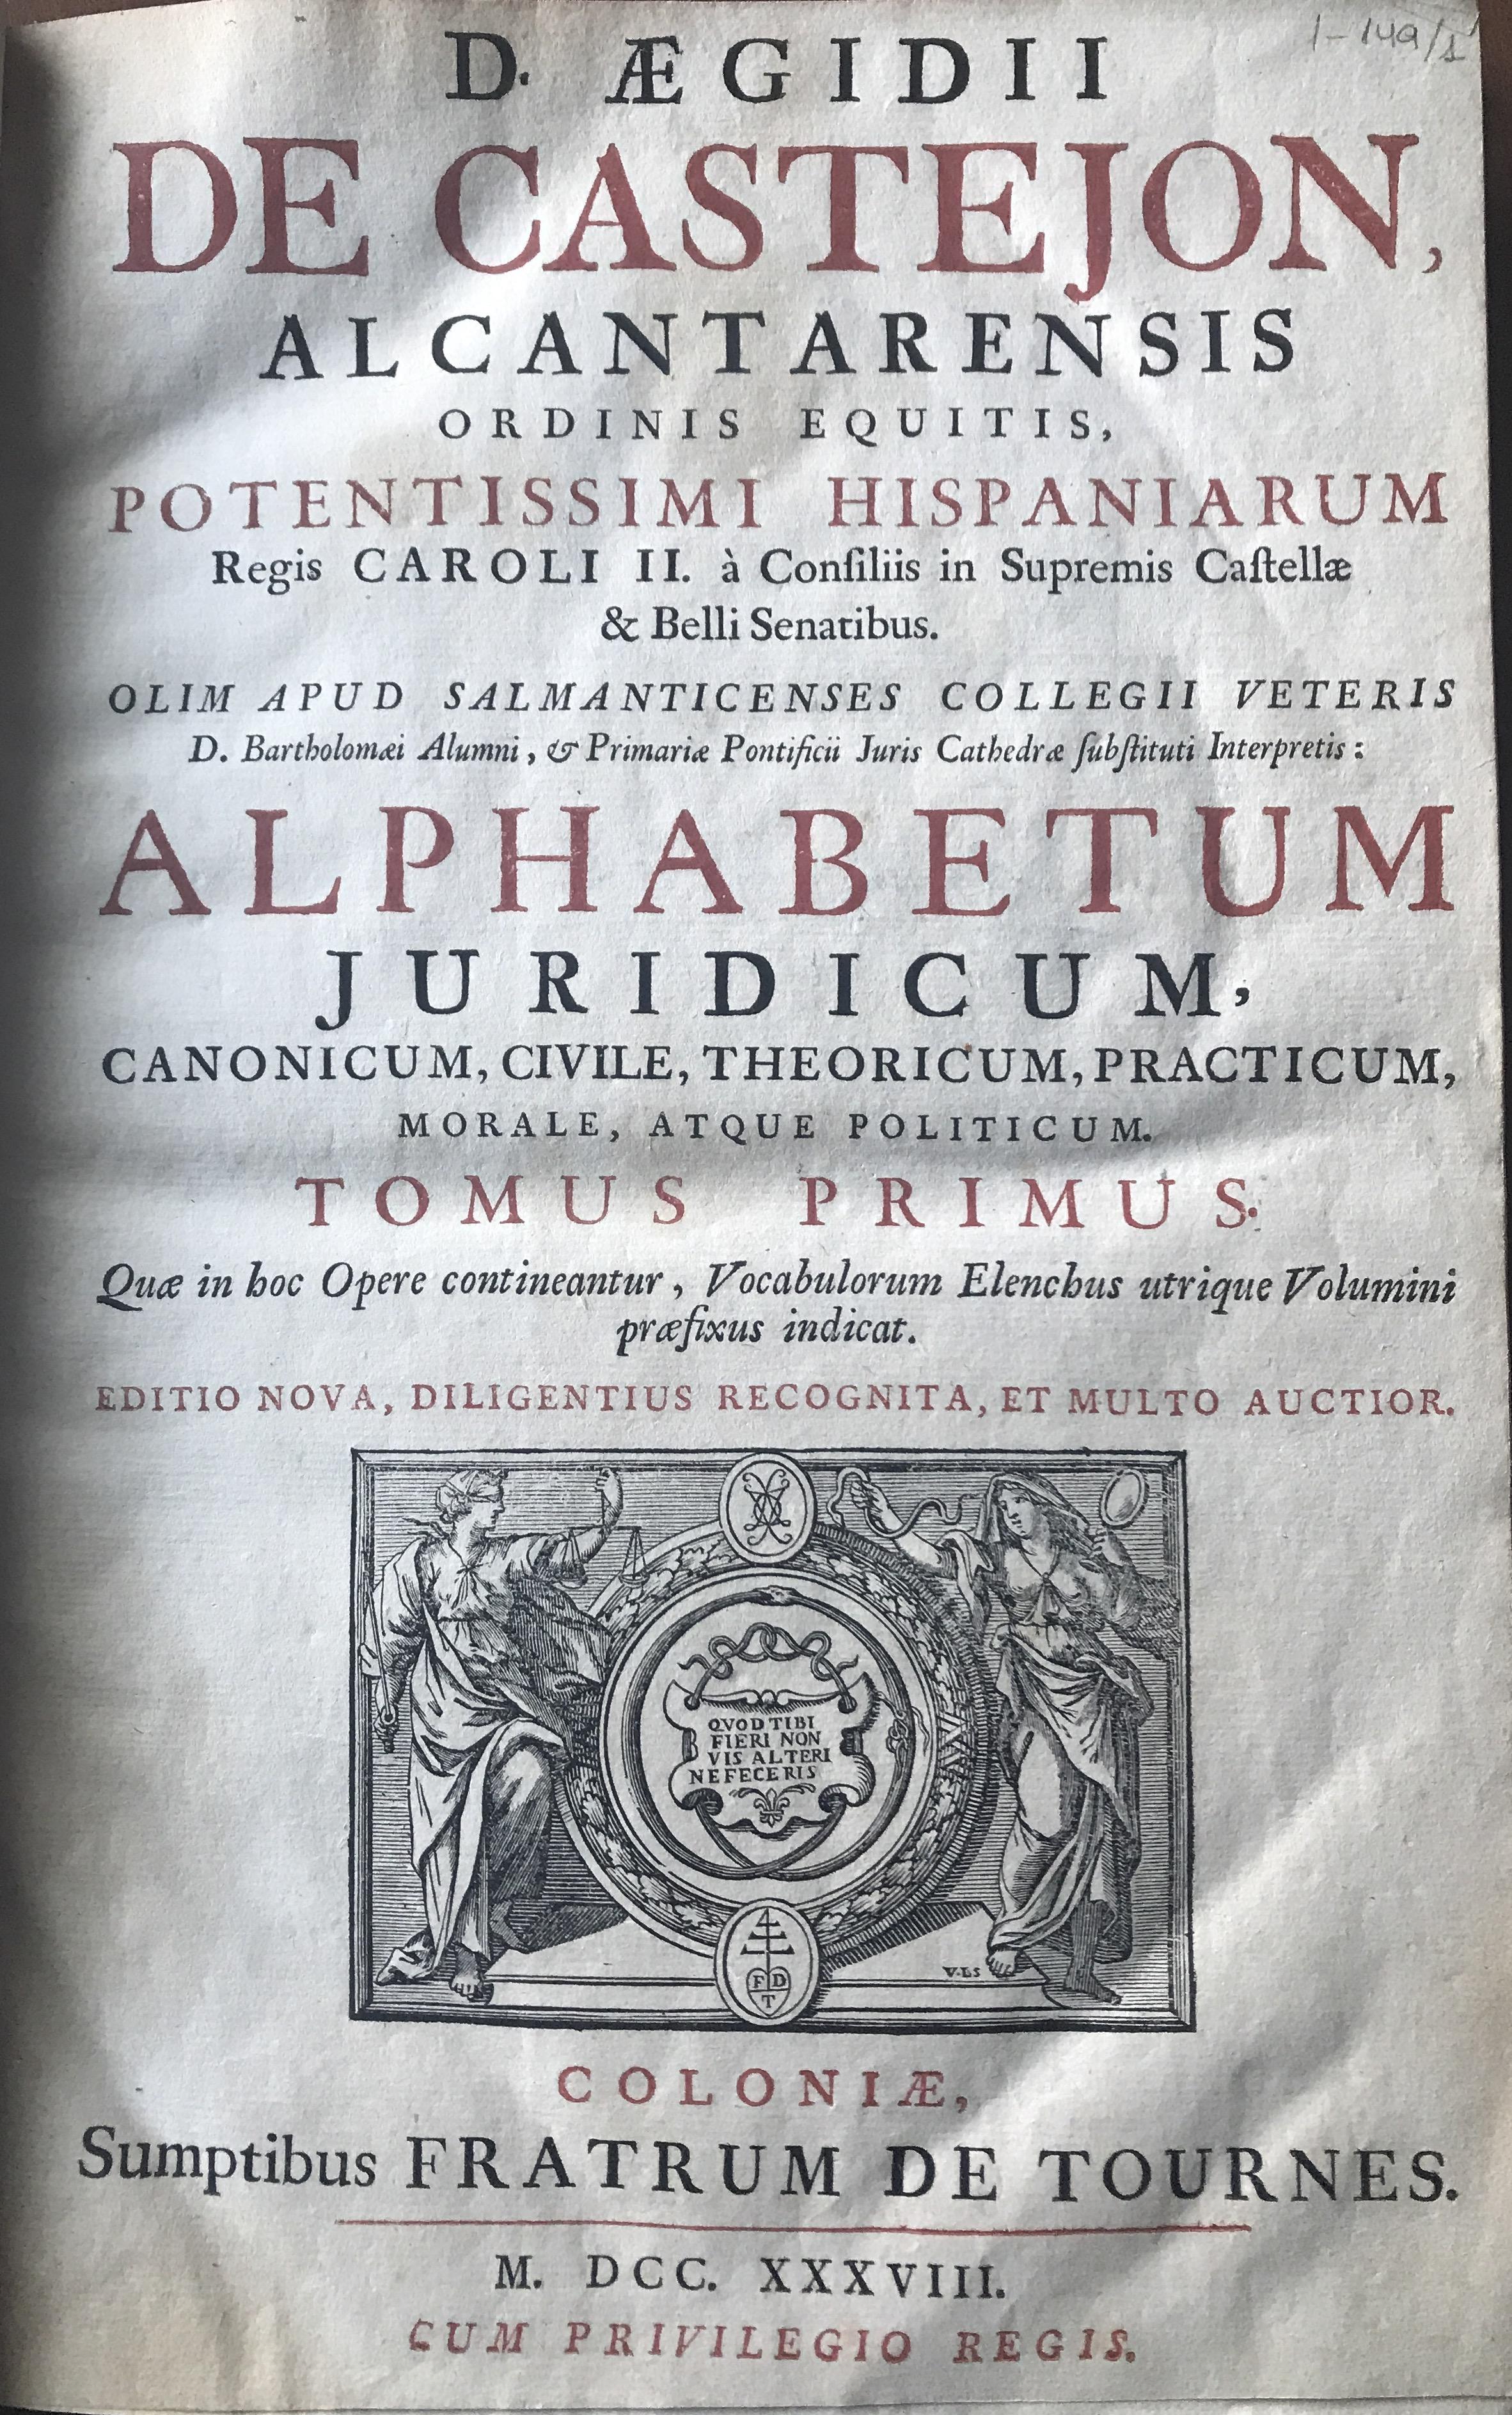 D. Aegidii de Castejon... Alphabetum juridicum, 1738